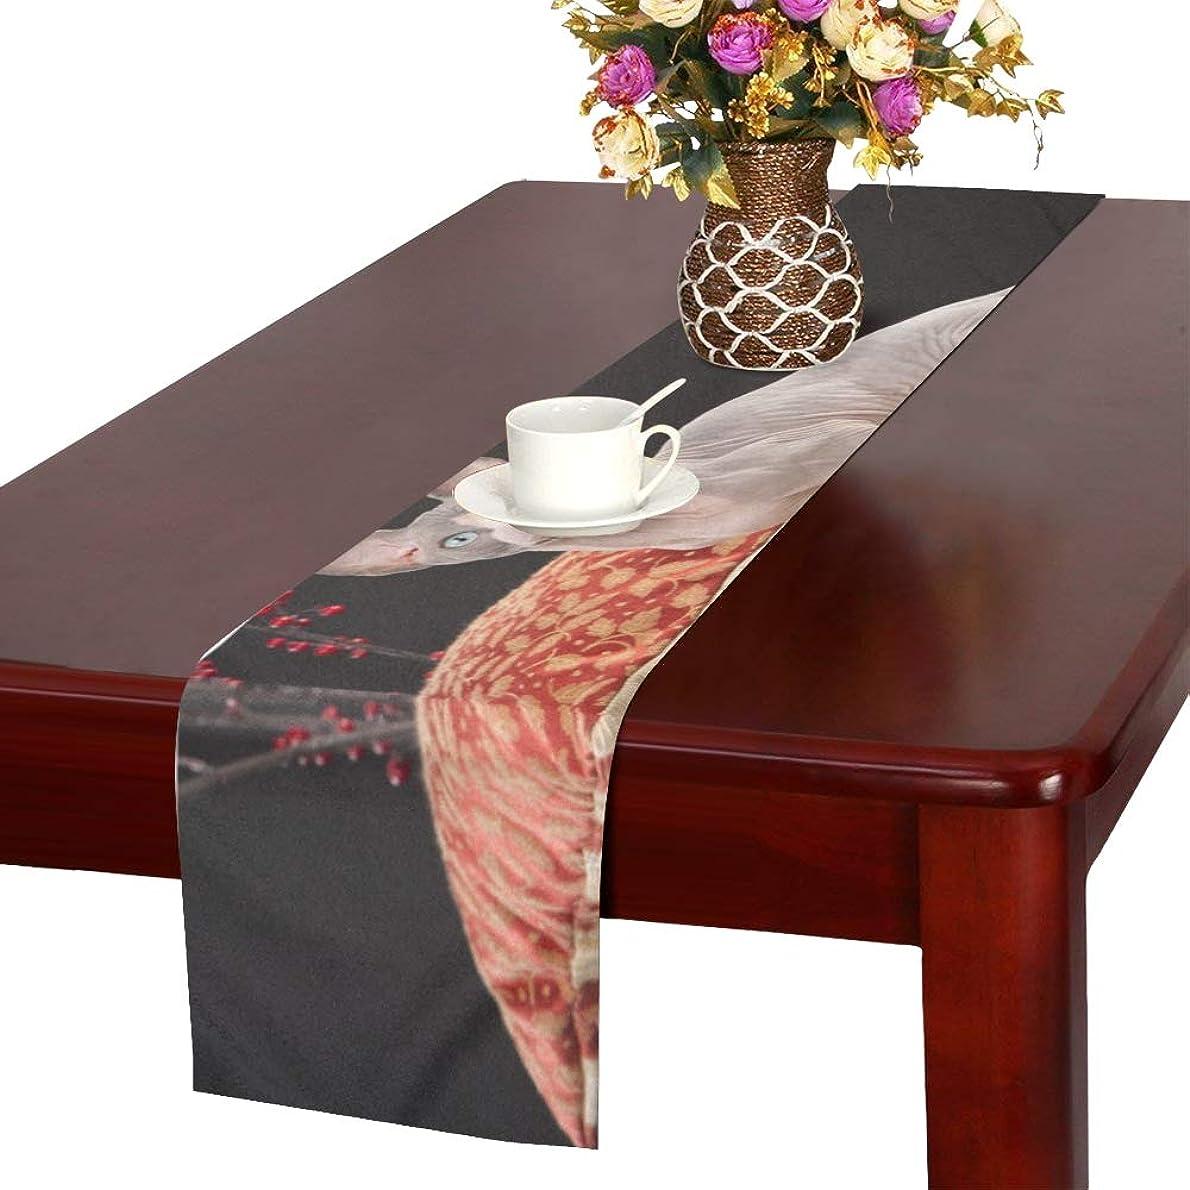 変形過去ビジュアルGGSXD テーブルランナー 優雅なスフィンクス猫 クロス 食卓カバー 麻綿製 欧米 おしゃれ 16 Inch X 72 Inch (40cm X 182cm) キッチン ダイニング ホーム デコレーション モダン リビング 洗える